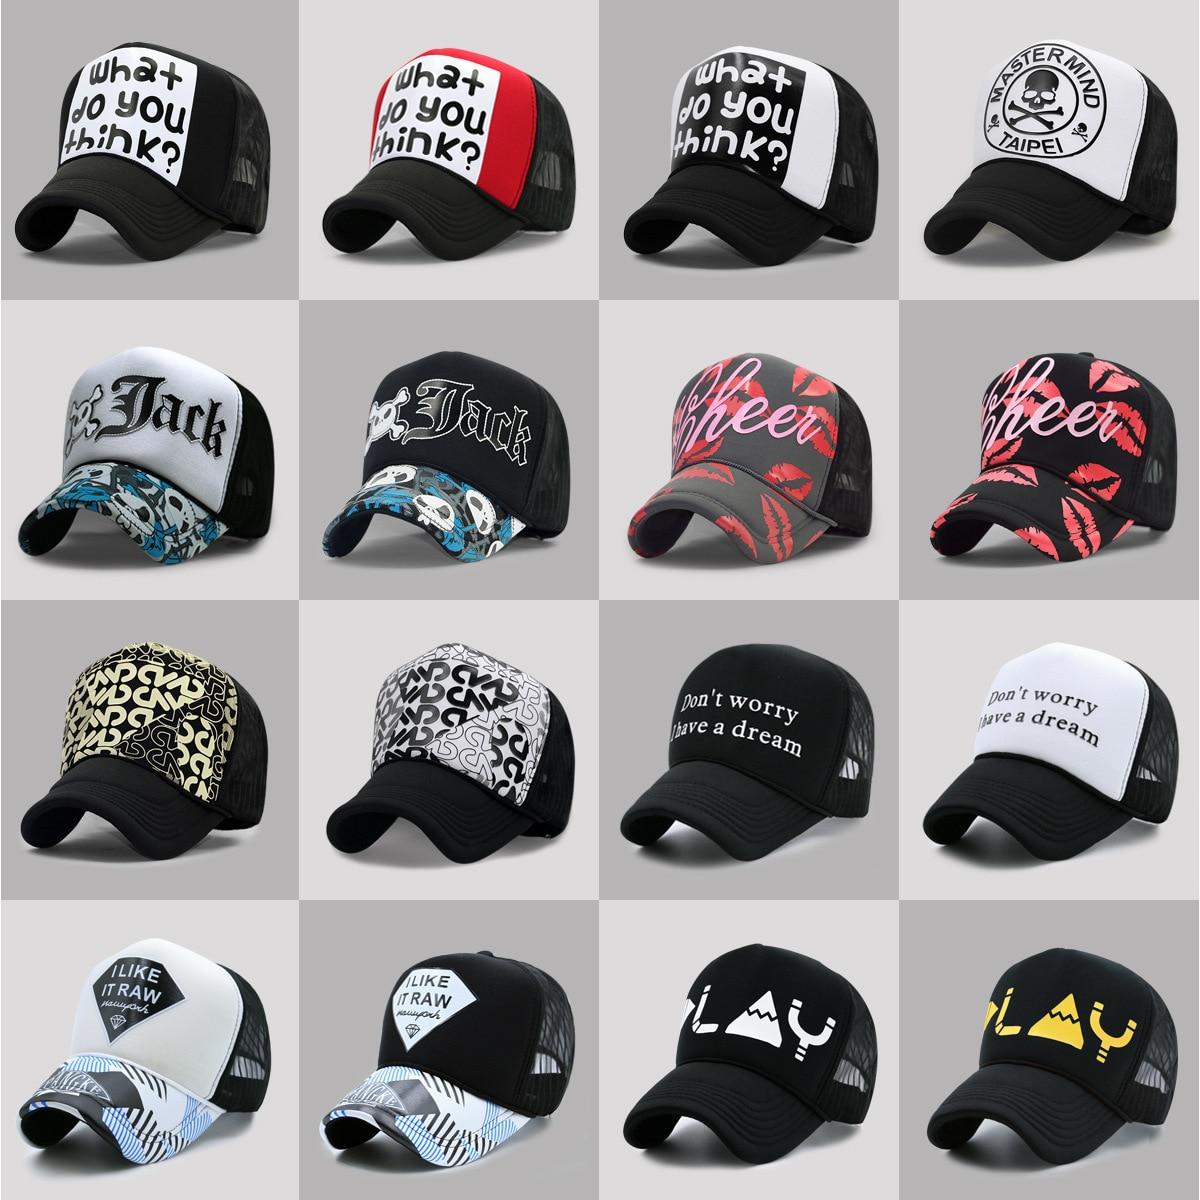 60 Colors Adult Summer Mesh Trucker Caps Men Hip hop Punk Rock Snapback Hat Women Curved Baseball Cap